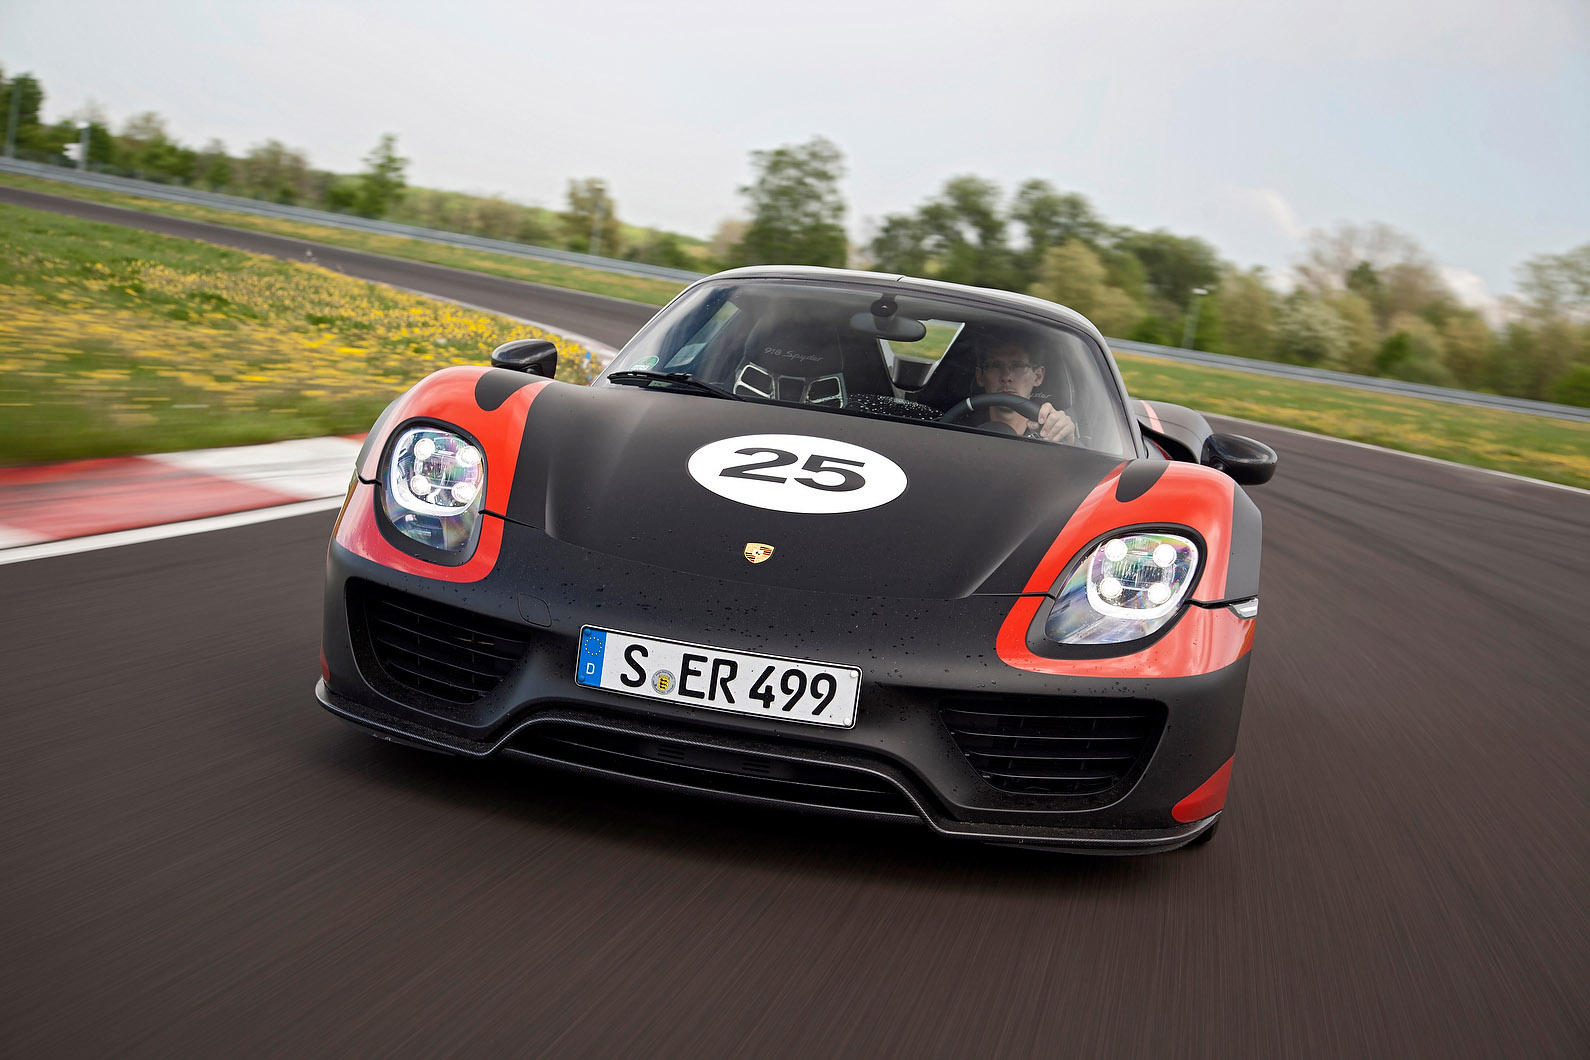 Porsche 918 Spyder photo #2